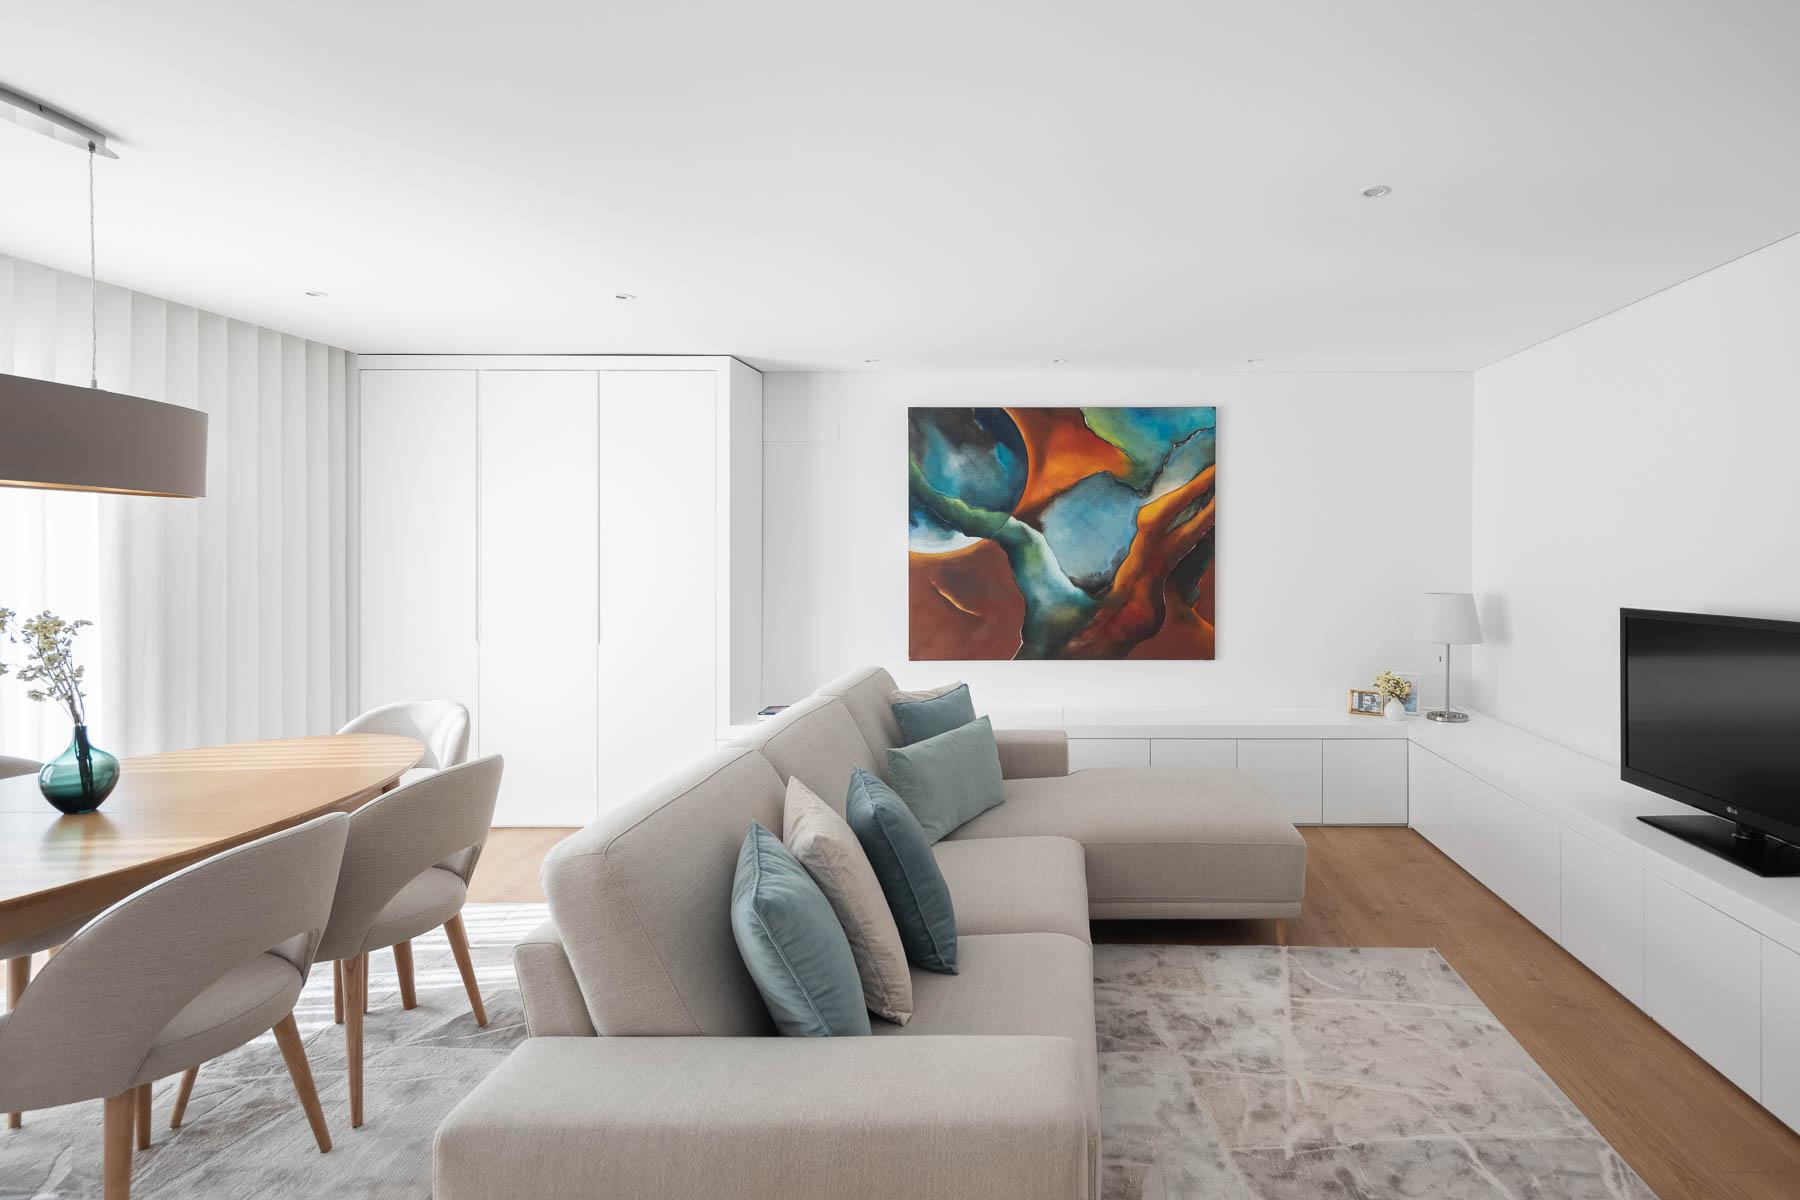 Apartamento Maximinios em Braga do Atelier de Arquitectura REM'A